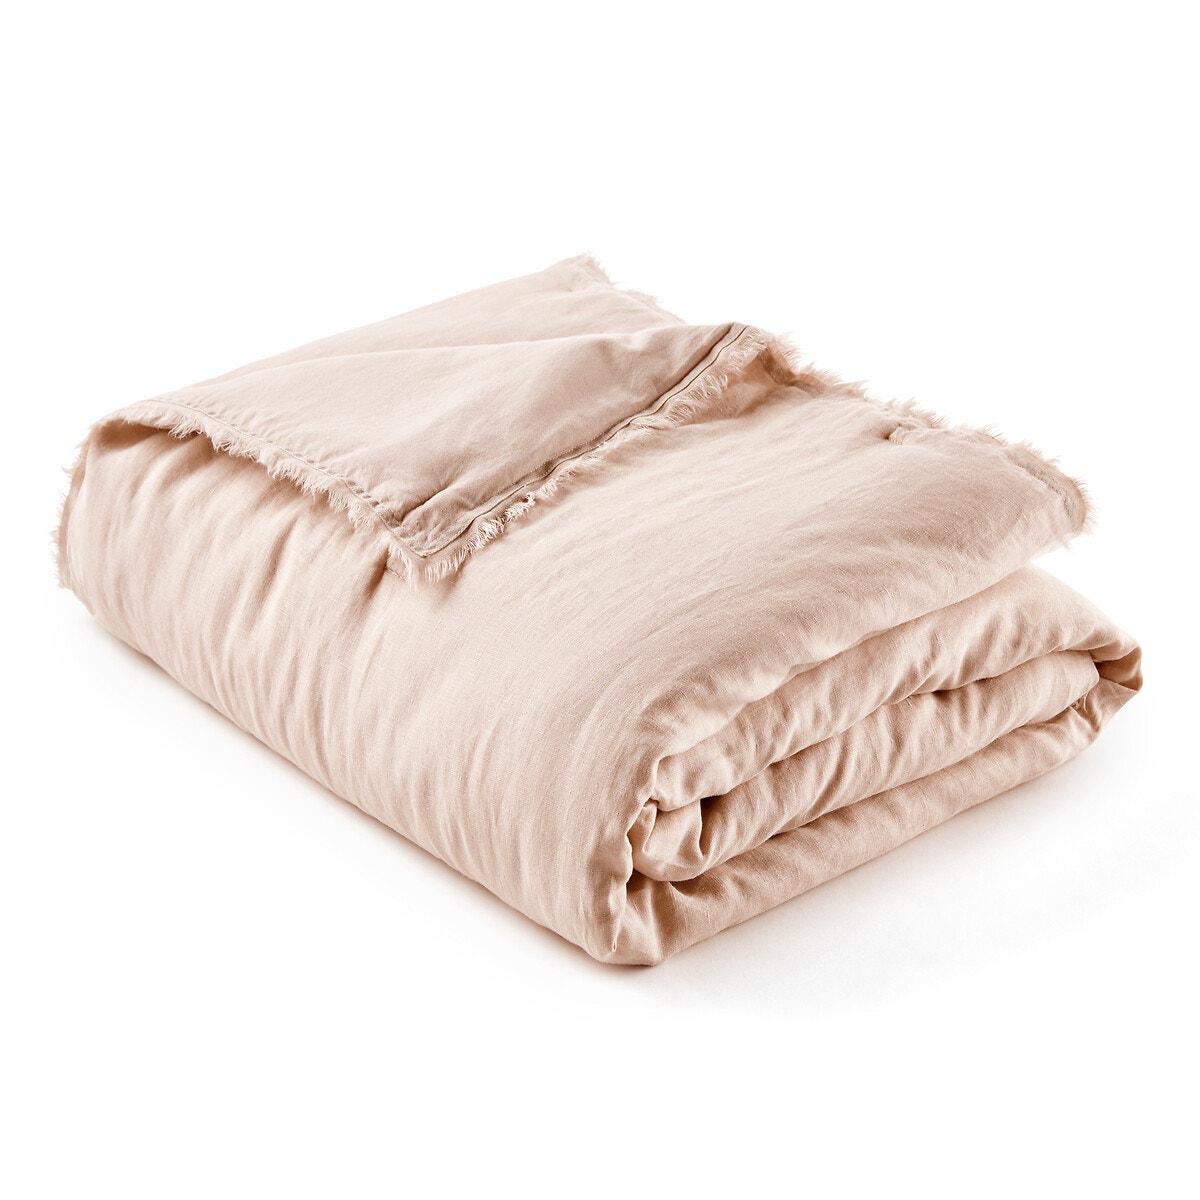 Linette コットンリネン 中綿入りベッドスプレッド